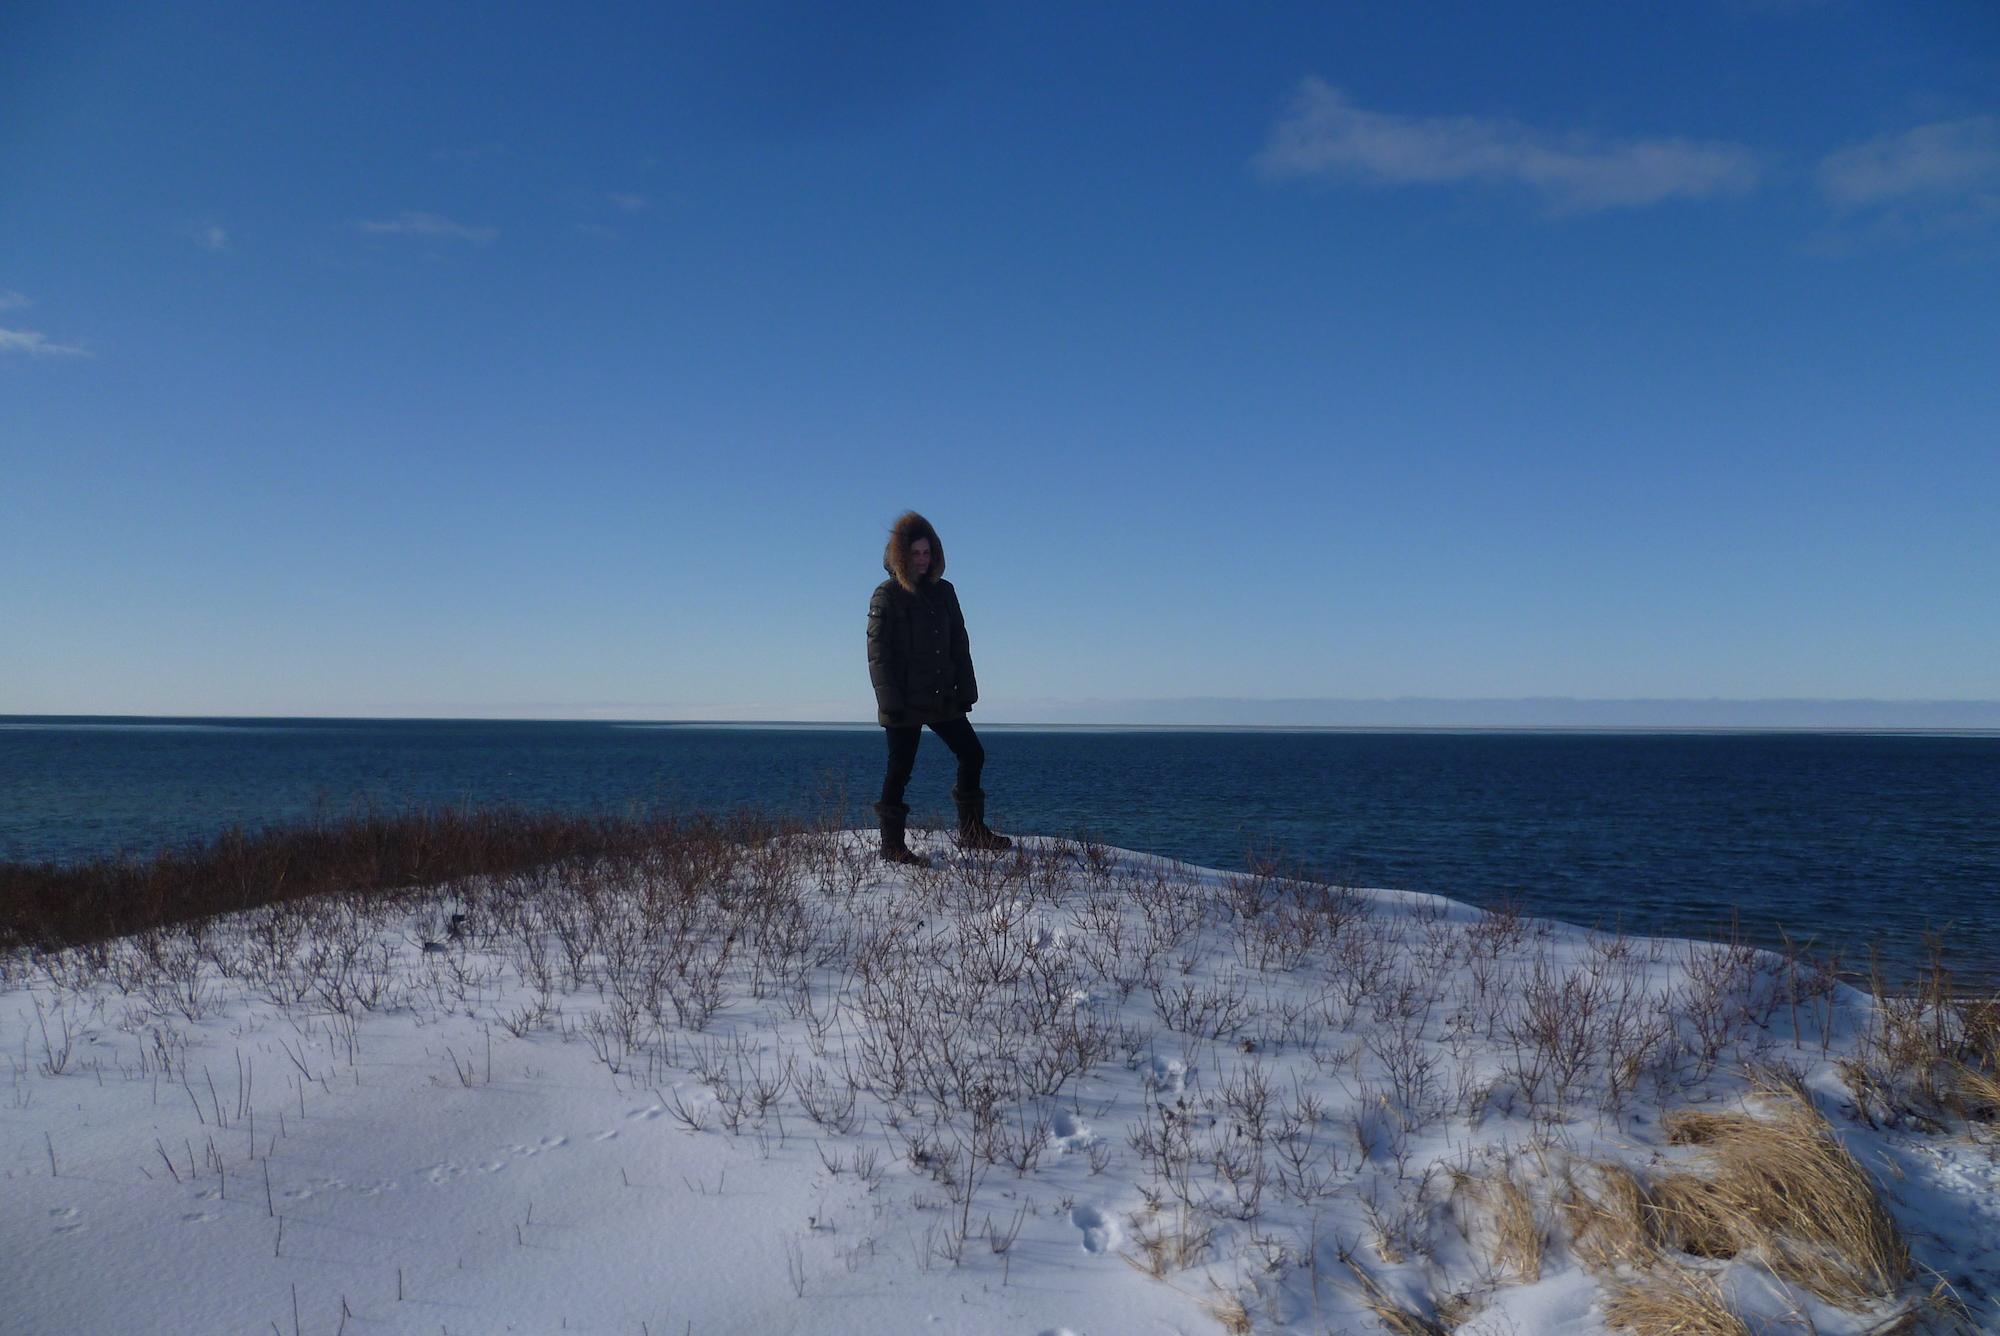 Hiver au Canada - Plage d'Inverness - Cap Breton, Nouvelle-Ecosse 3